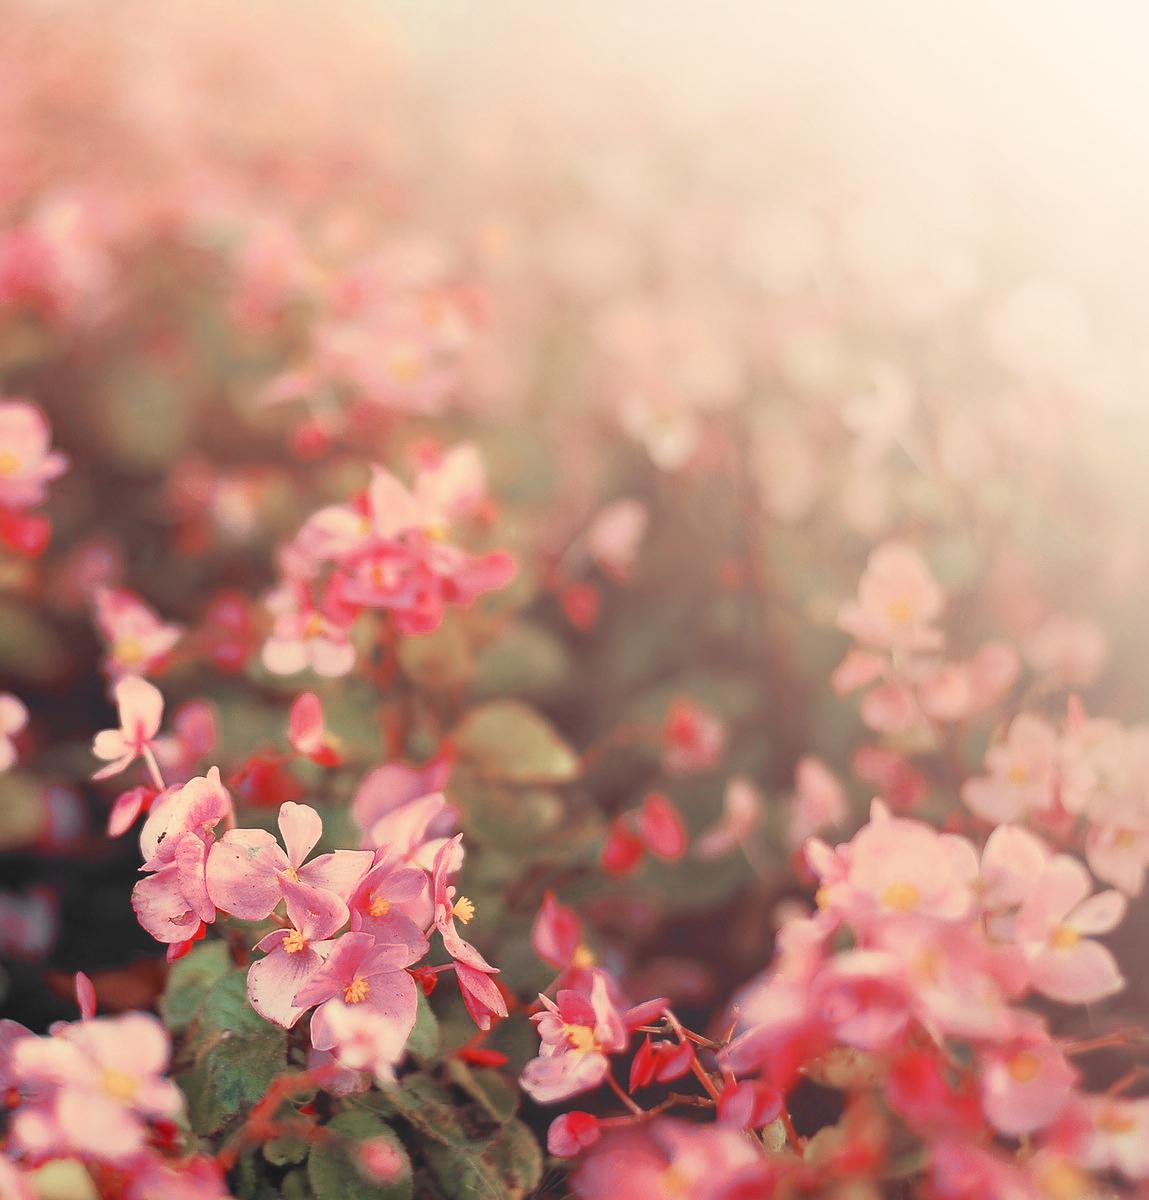 Little pink flowers by hoppetanikisu on deviantart little pink flowers by hoppetanikisu little pink flowers by hoppetanikisu mightylinksfo